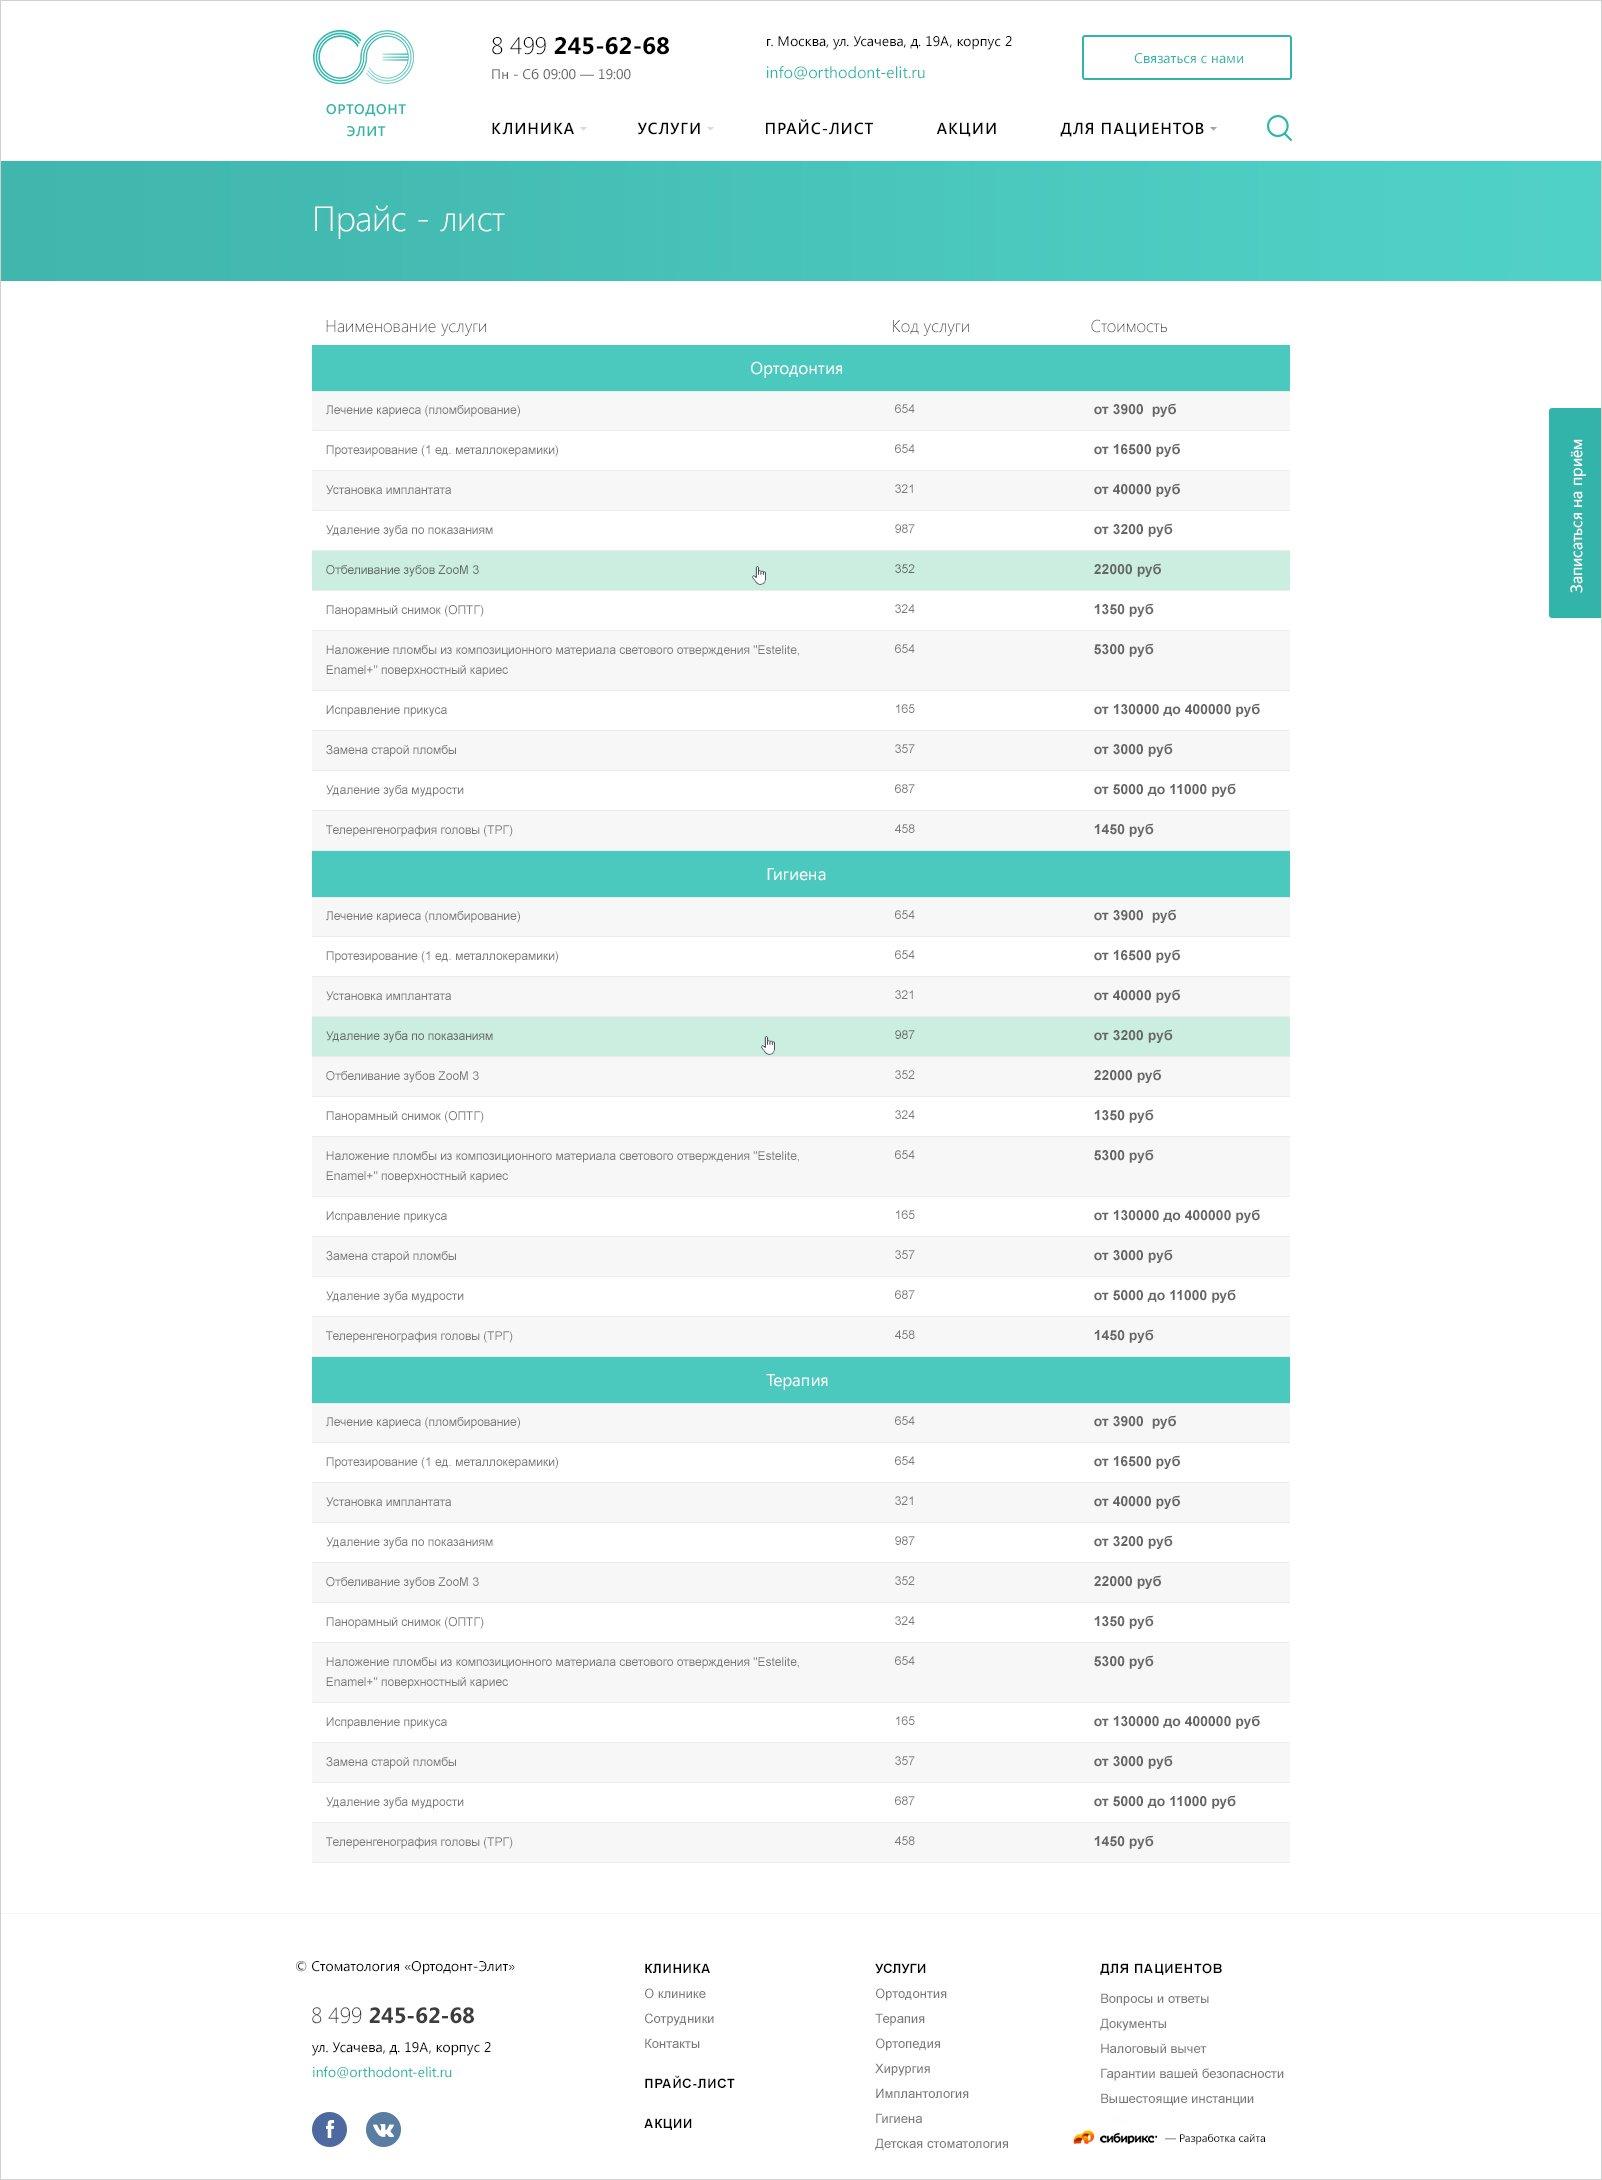 <p><b>Пользователь может в один клик ознакомиться со стоимостью всех услуг клиники.</b></p>